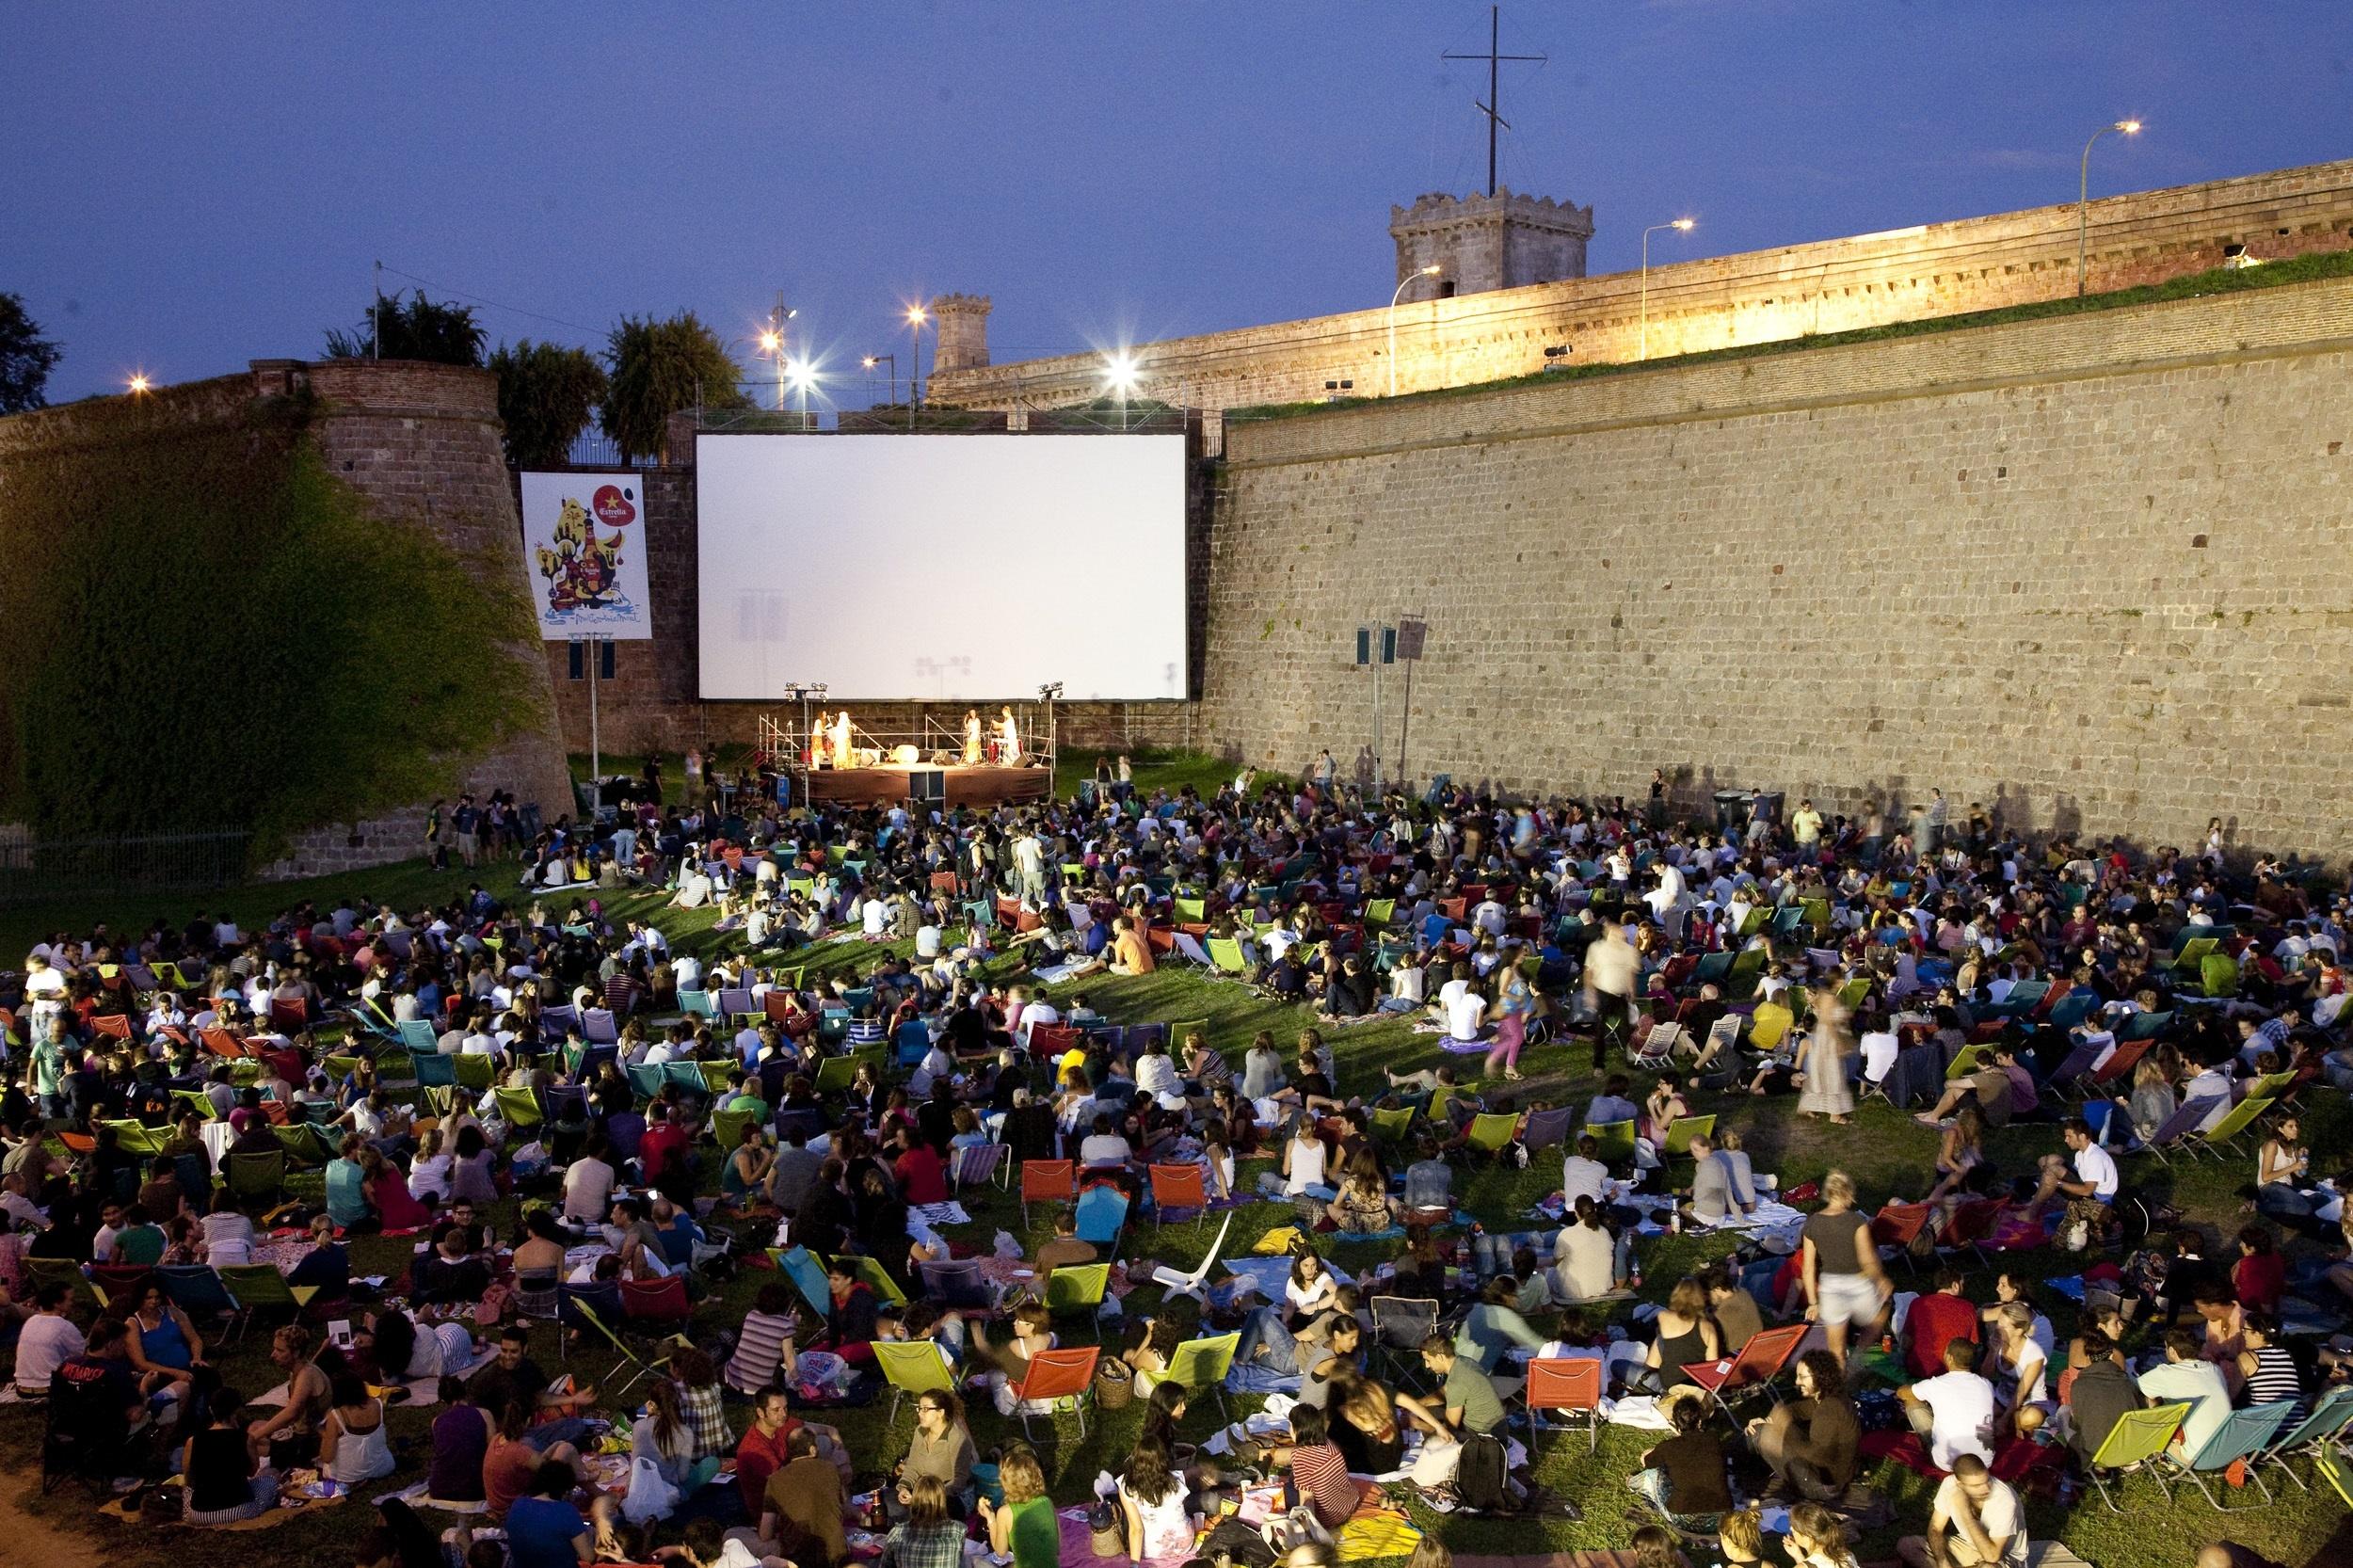 El Castillo de Montjuïc se convierte en una sala de cine al aire libre desde este domingo